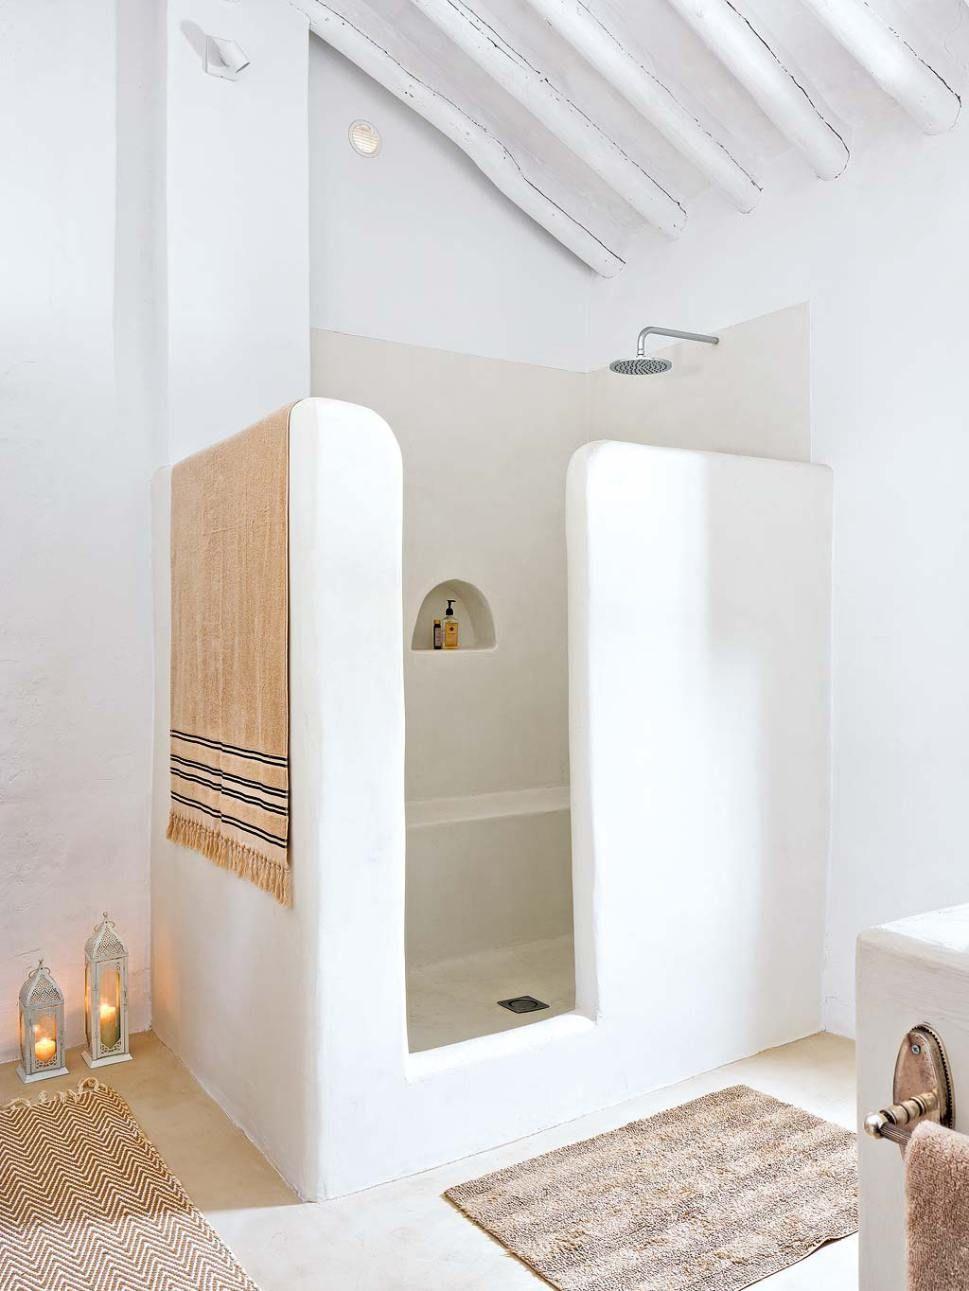 Une Vieille Ferme Prete Pour Noel En Espagne Idee Salle De Bain Decoration Salle De Bain Idees Salle De Bain